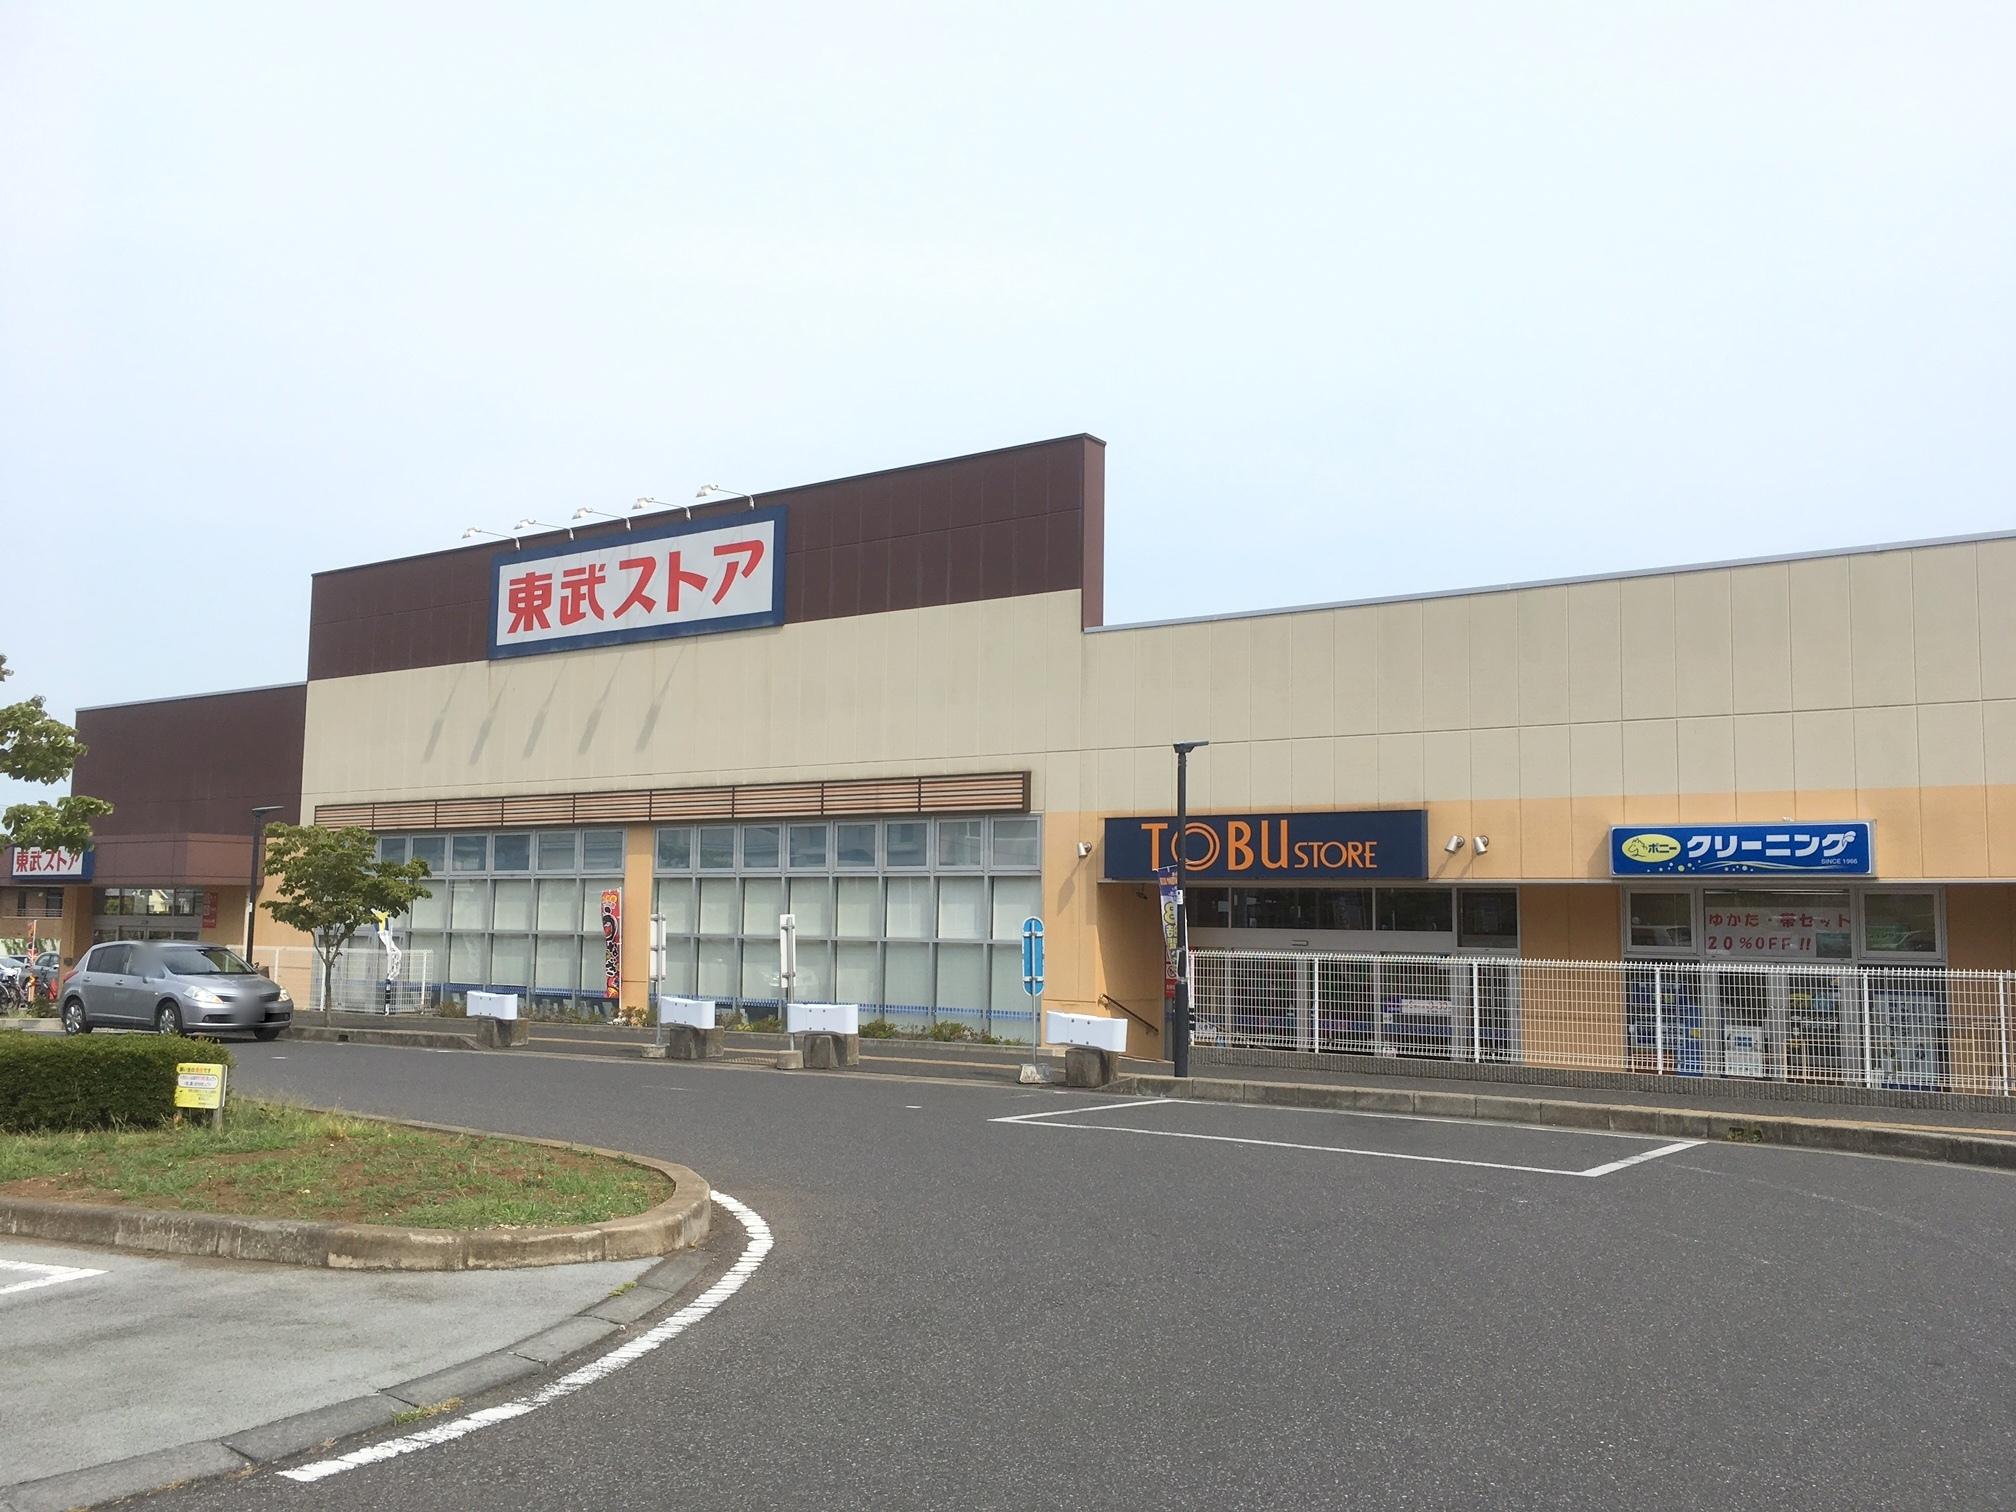 スーパー:東武ストア逆井店 1017m